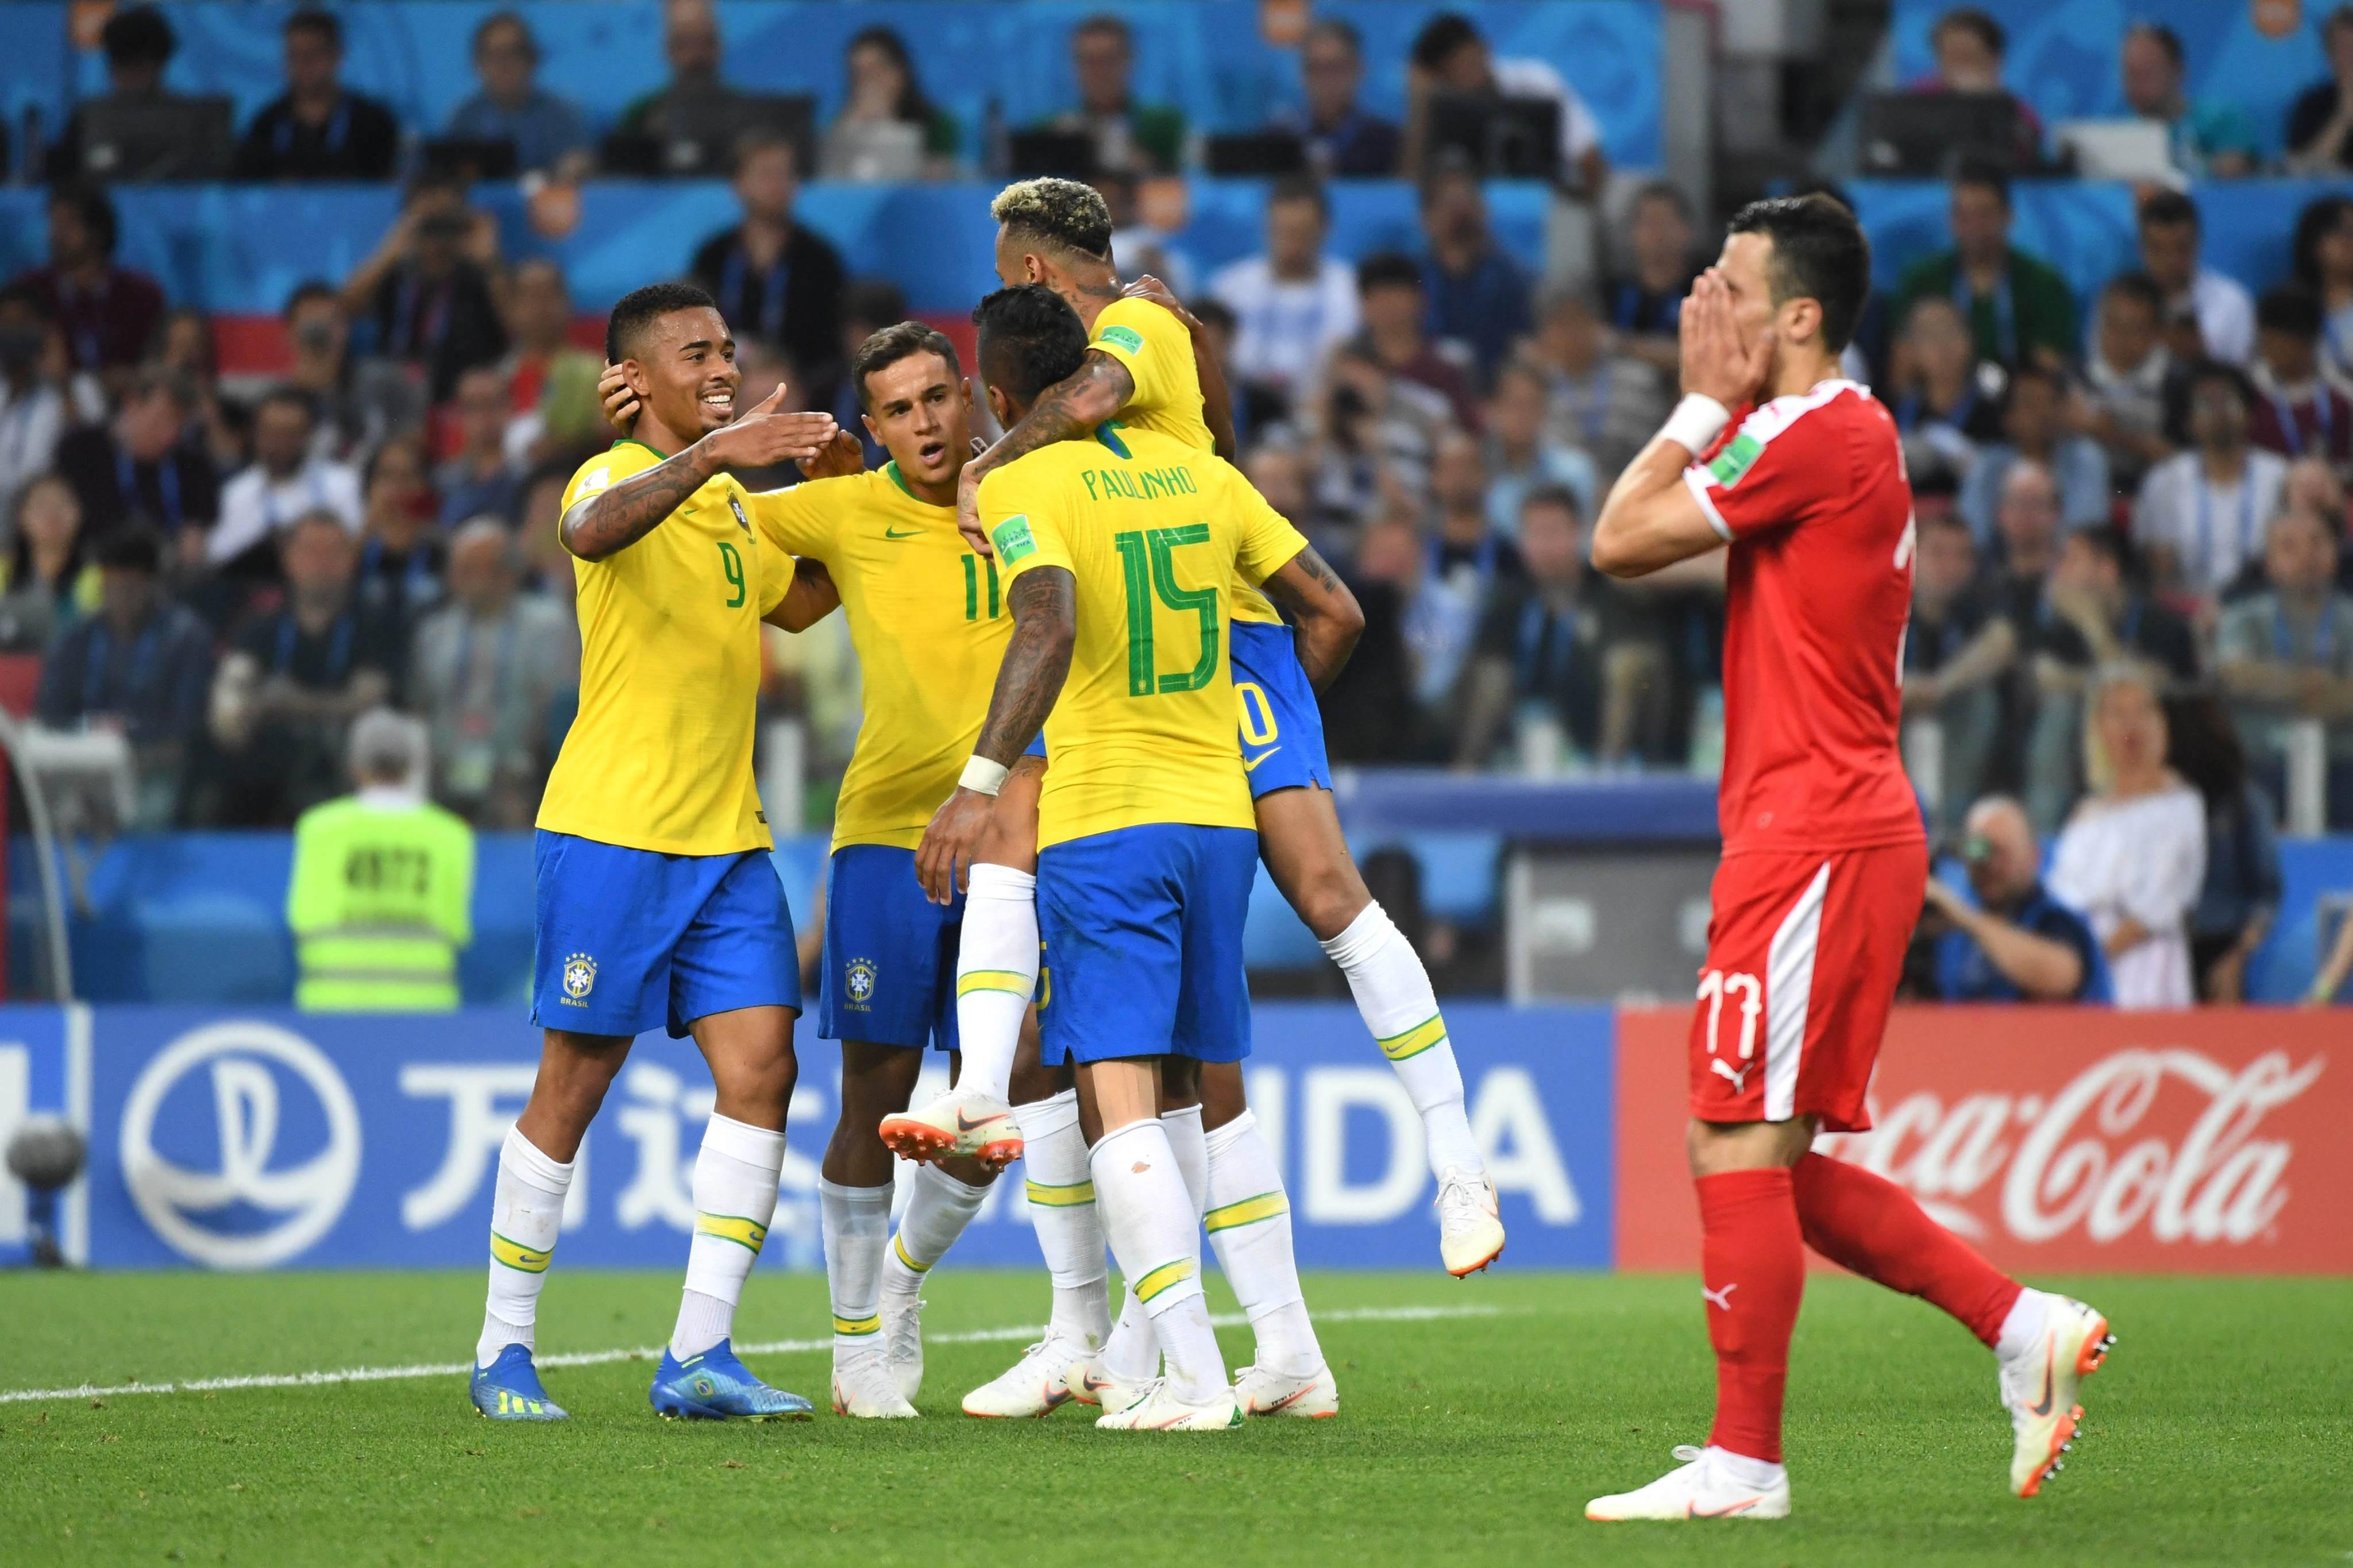 สามนัดยังไม่แพ้! 5 ประเด็นชวนรู้หลังบราซิลทุบเซอร์เบีย 2-0 จบแชมป์กลุ่ม